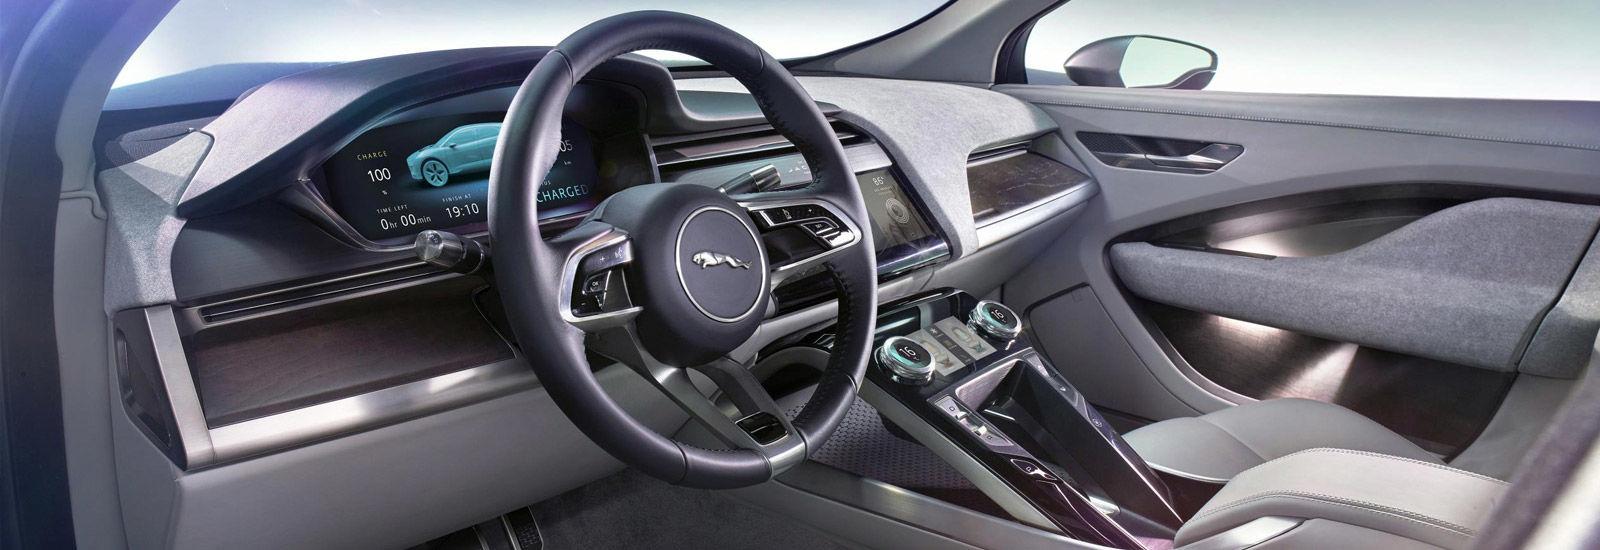 Jaguar f pace carwow audi q5 suv 2018 in depth review for Interieur jaguar f pace